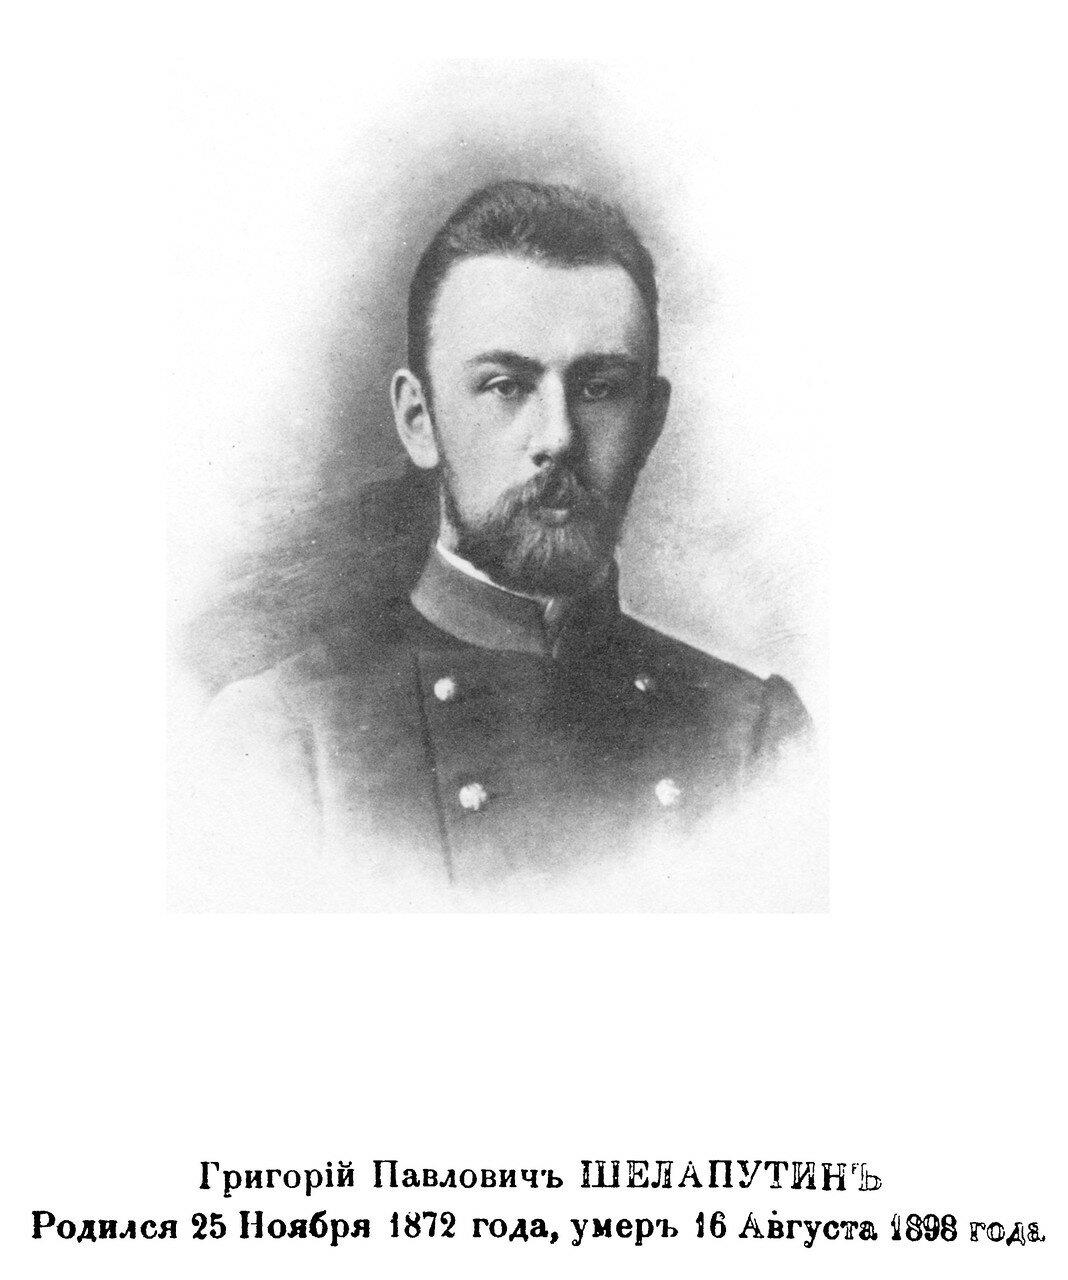 02. Григорий Павлович ШЕЛАПУТИН. Родился 25 Ноября 1872 года, умер 16 Августа 1898 годаpg